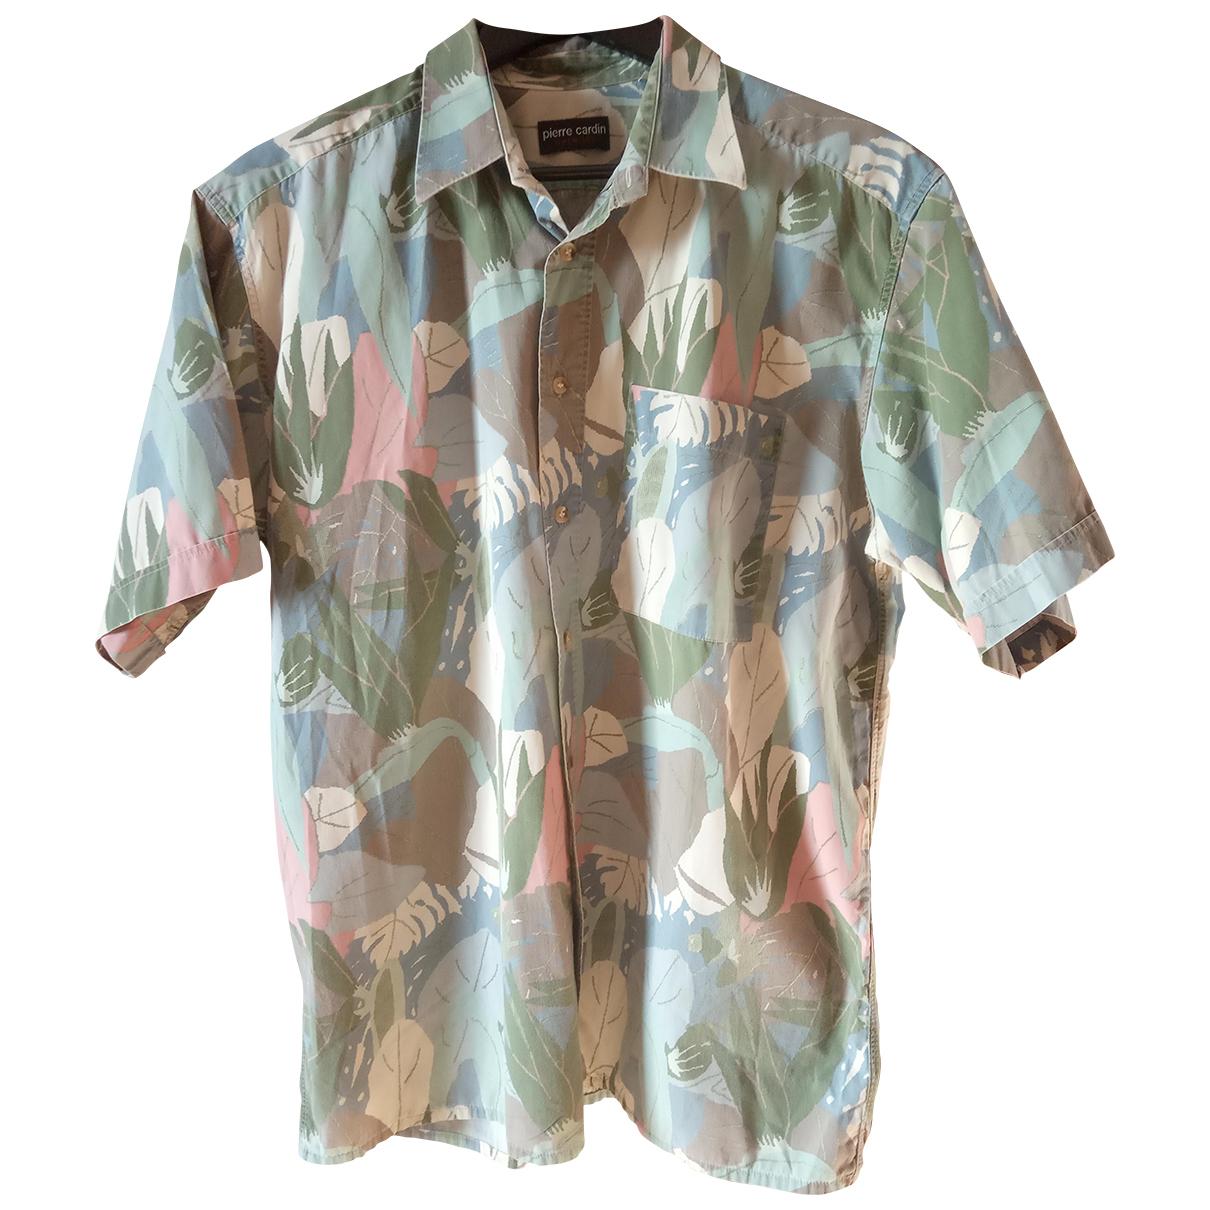 Pierre Cardin - Chemises   pour homme en coton - beige